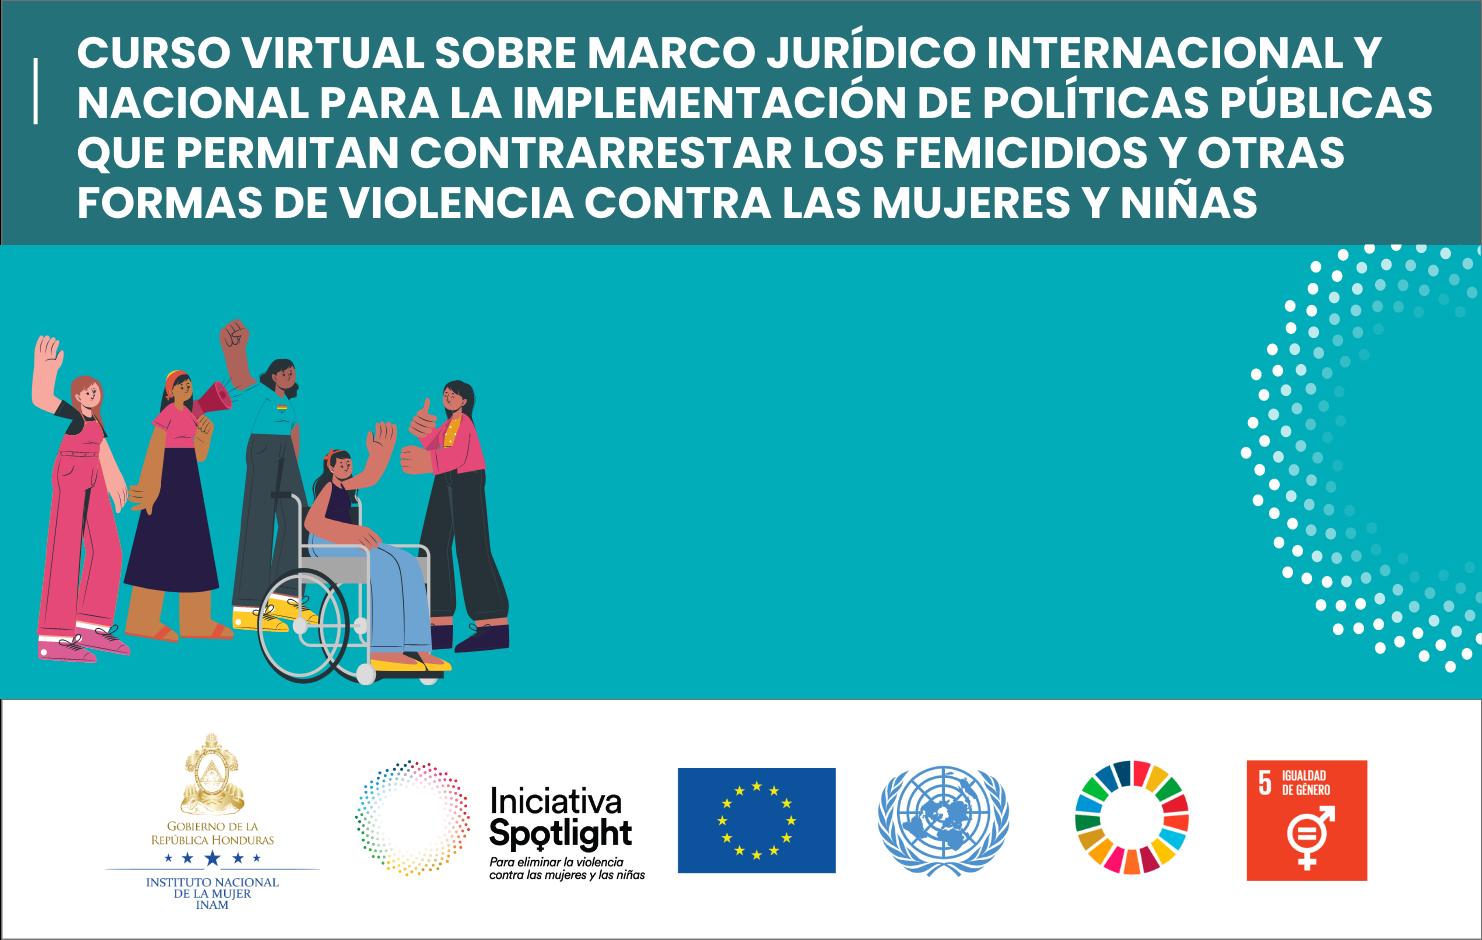 Marco jurídico internacional y nacional para la implementación de políticas que permitan contrarrestar los femicidios y otras formas de violencia contra las mujeres y niñas (funcionarios y funcionarias)